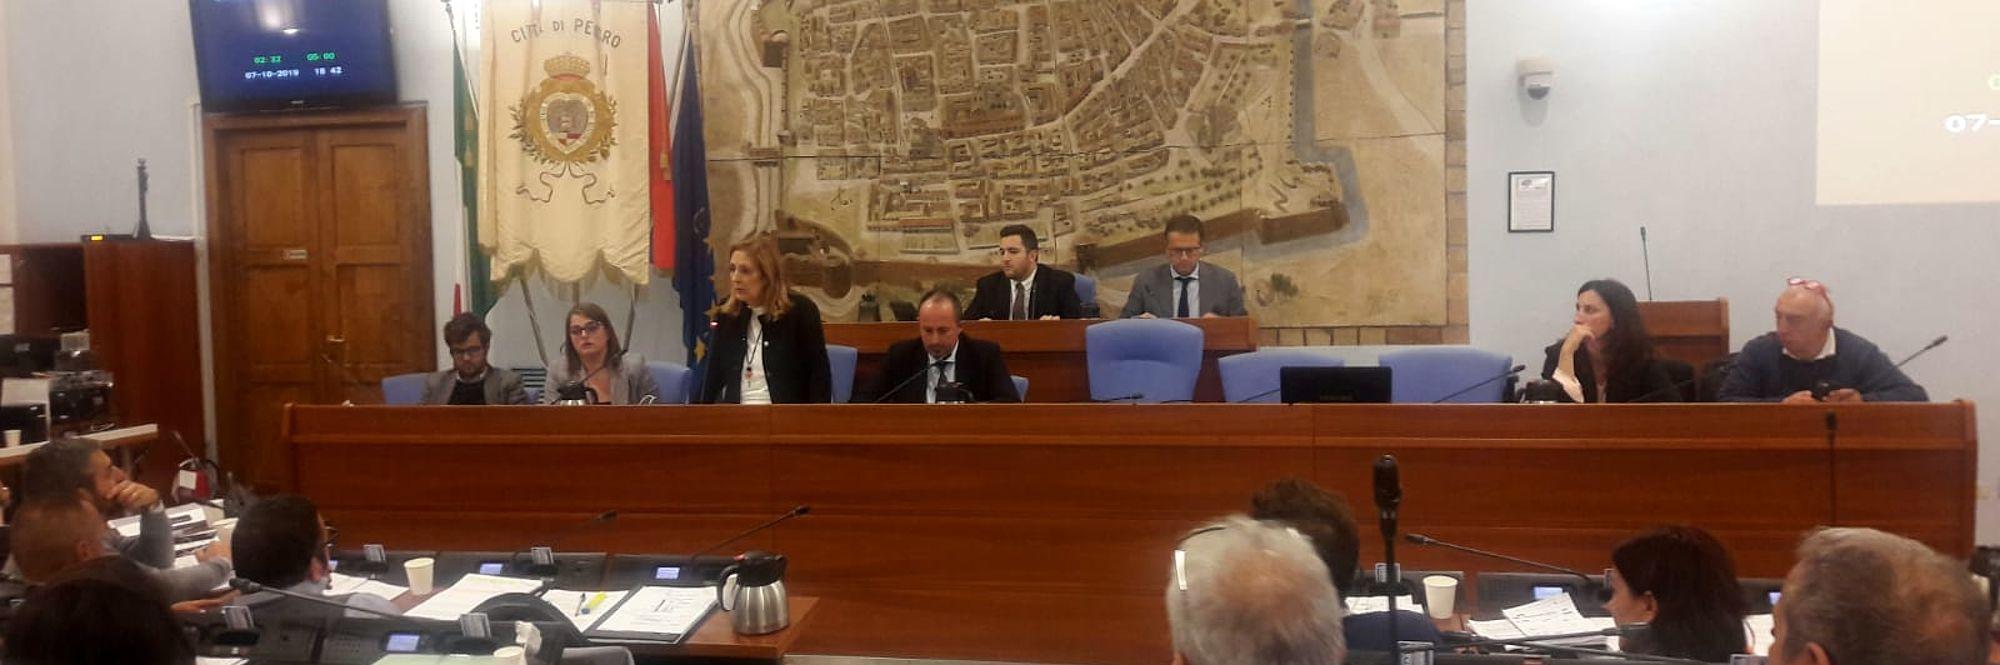 Il Consiglio vota sì al dimensionamento degli istituti scolastici